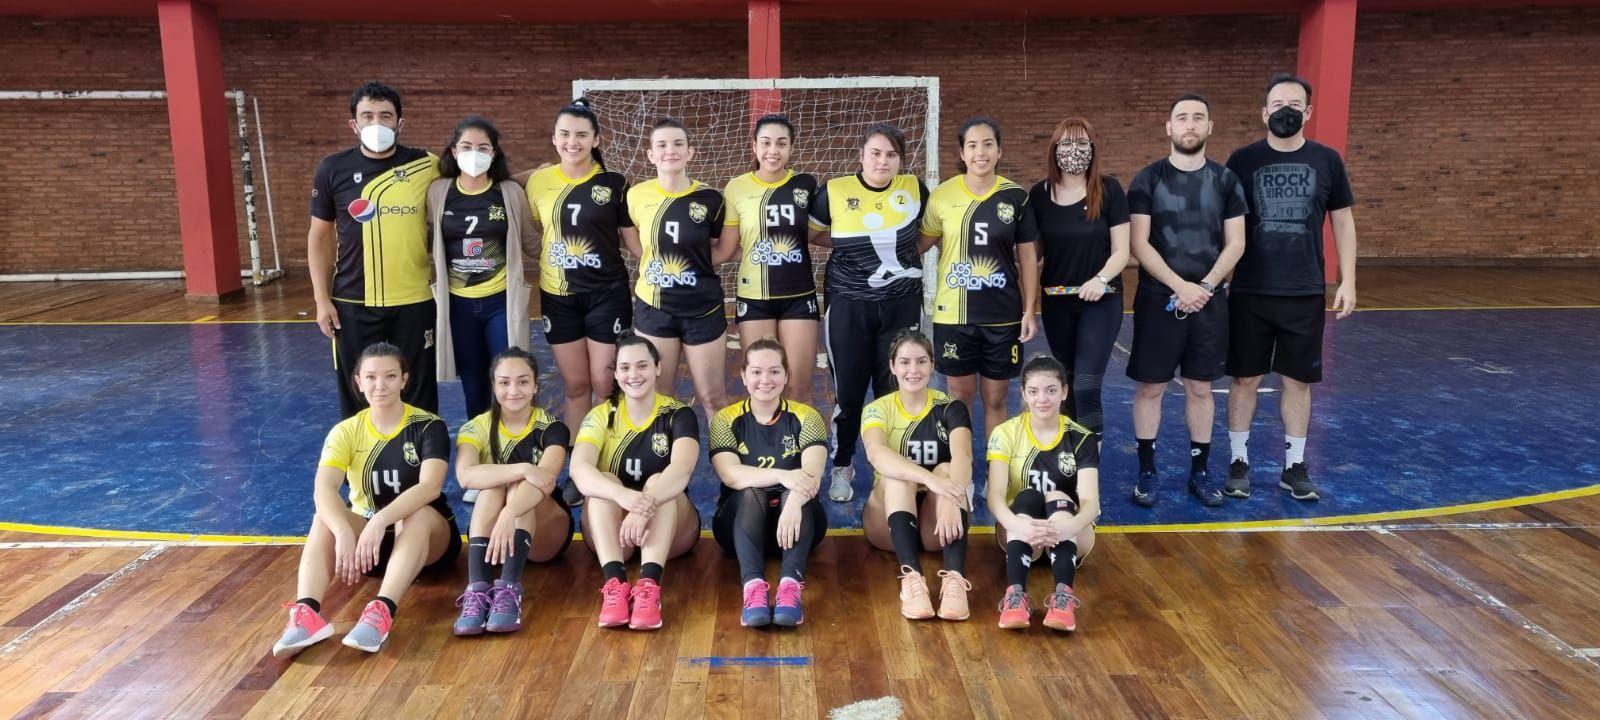 Team de la Federación de Handball de Colonias Unidas, jugó el amistoso en Encarnación.